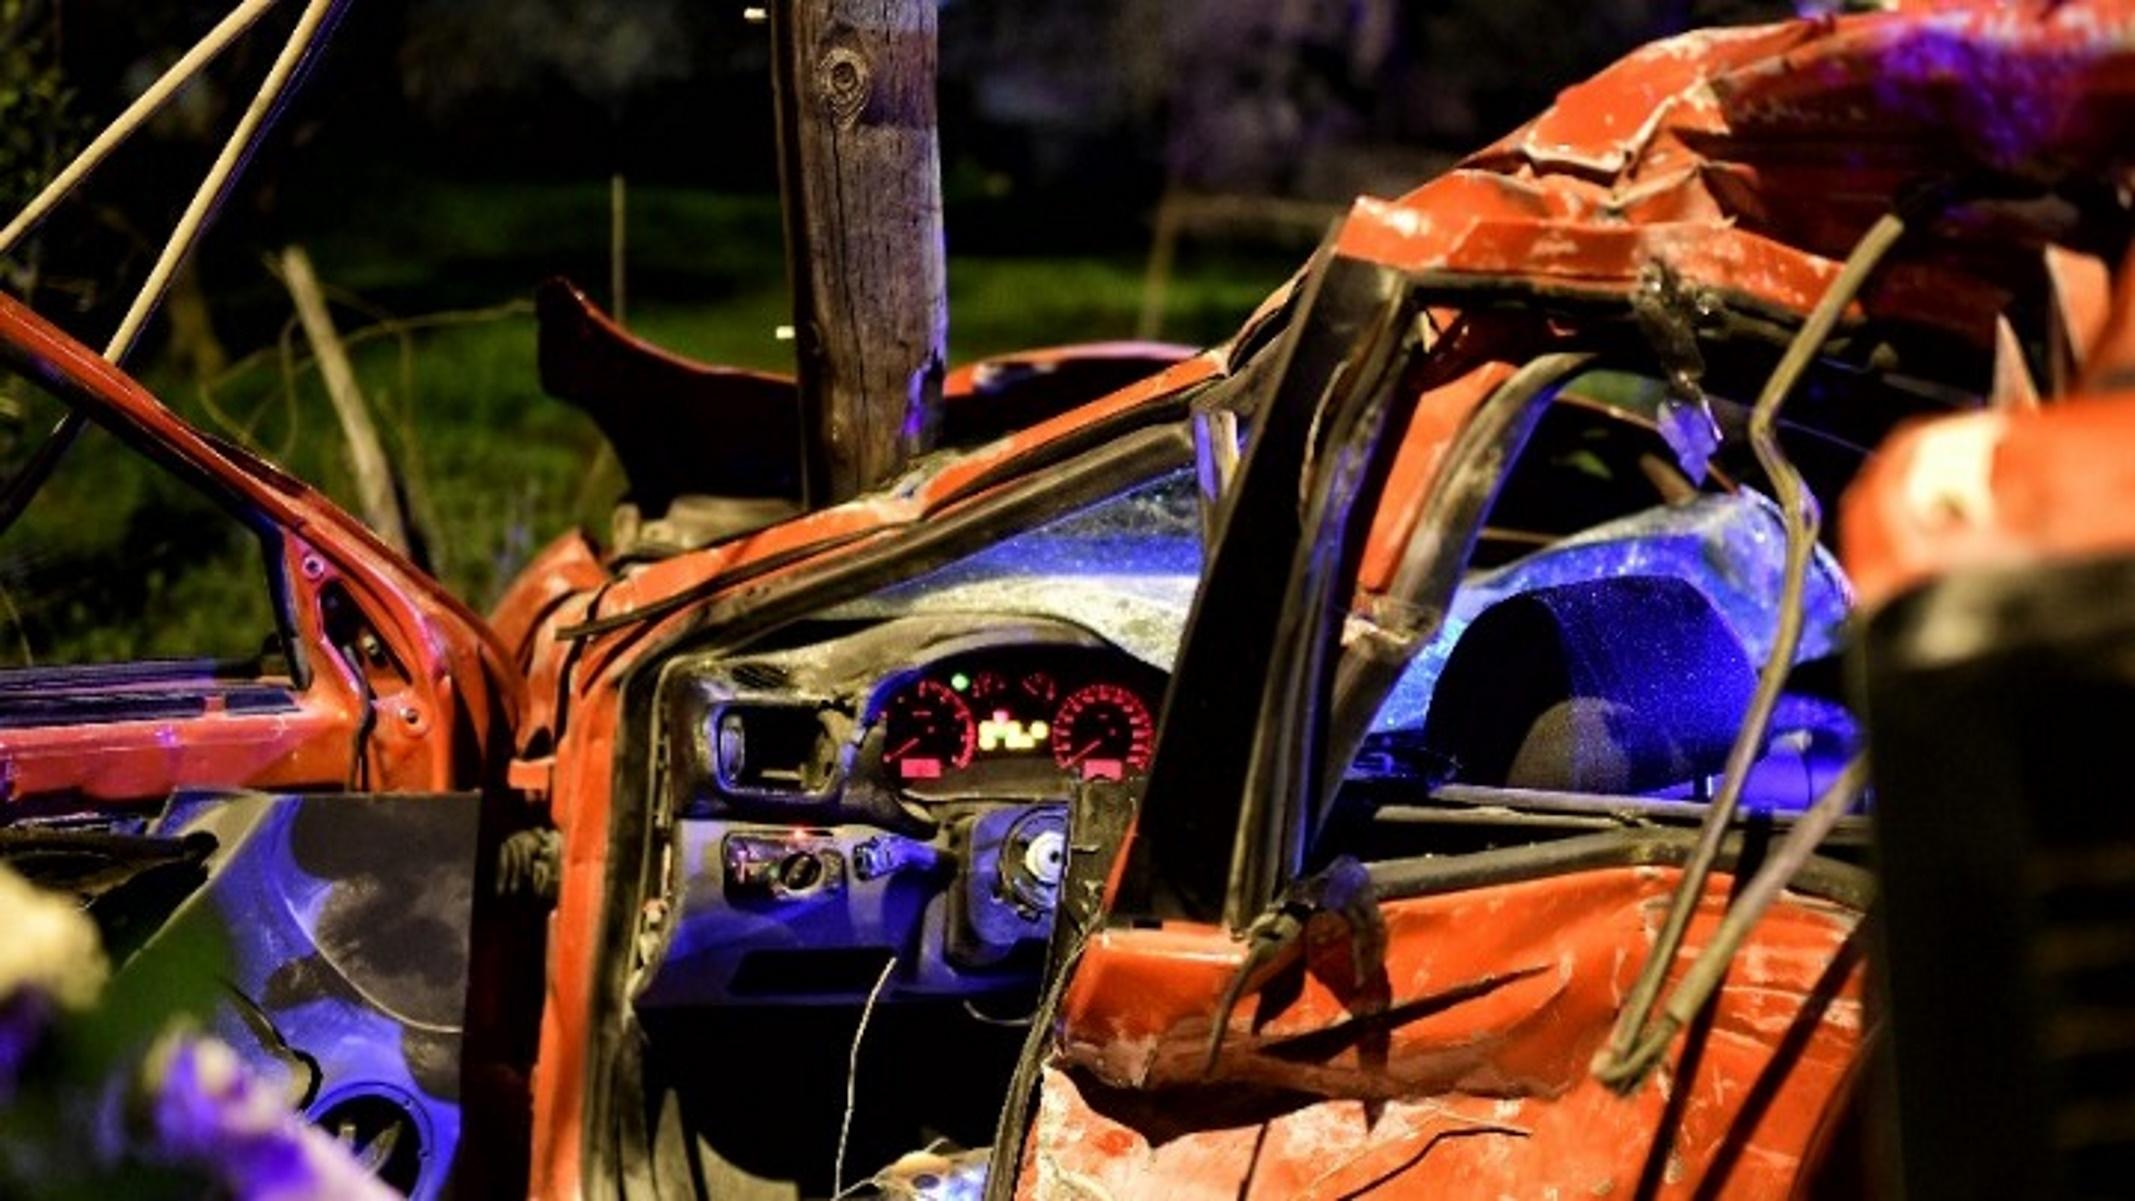 Κορινθία: Φορτηγό βγήκε από τον δρόμο – Οδηγός και συνοδηγός απεγκλωβίστηκαν τραυματισμένοι